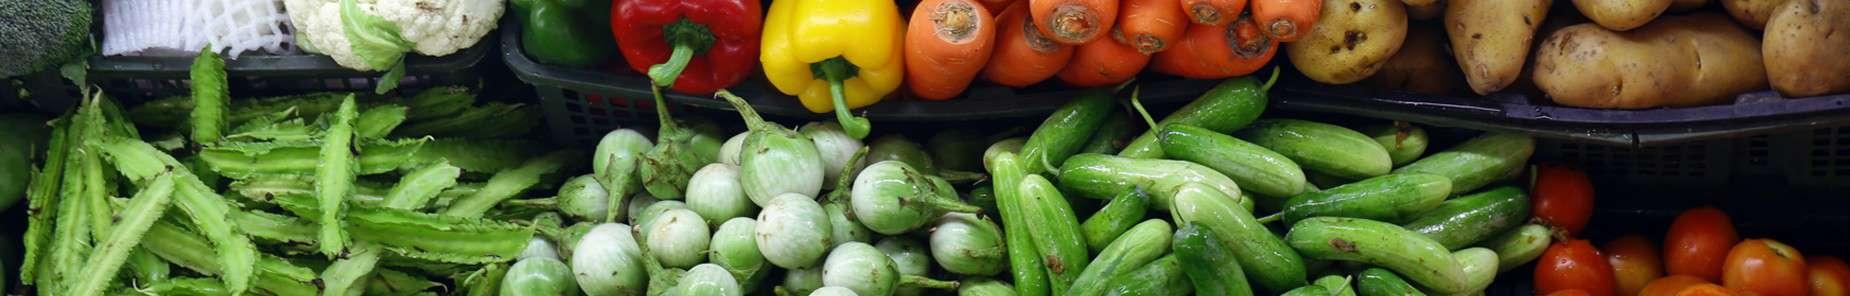 4 mitos sobre la alimentación en invierno aclarados por una experta